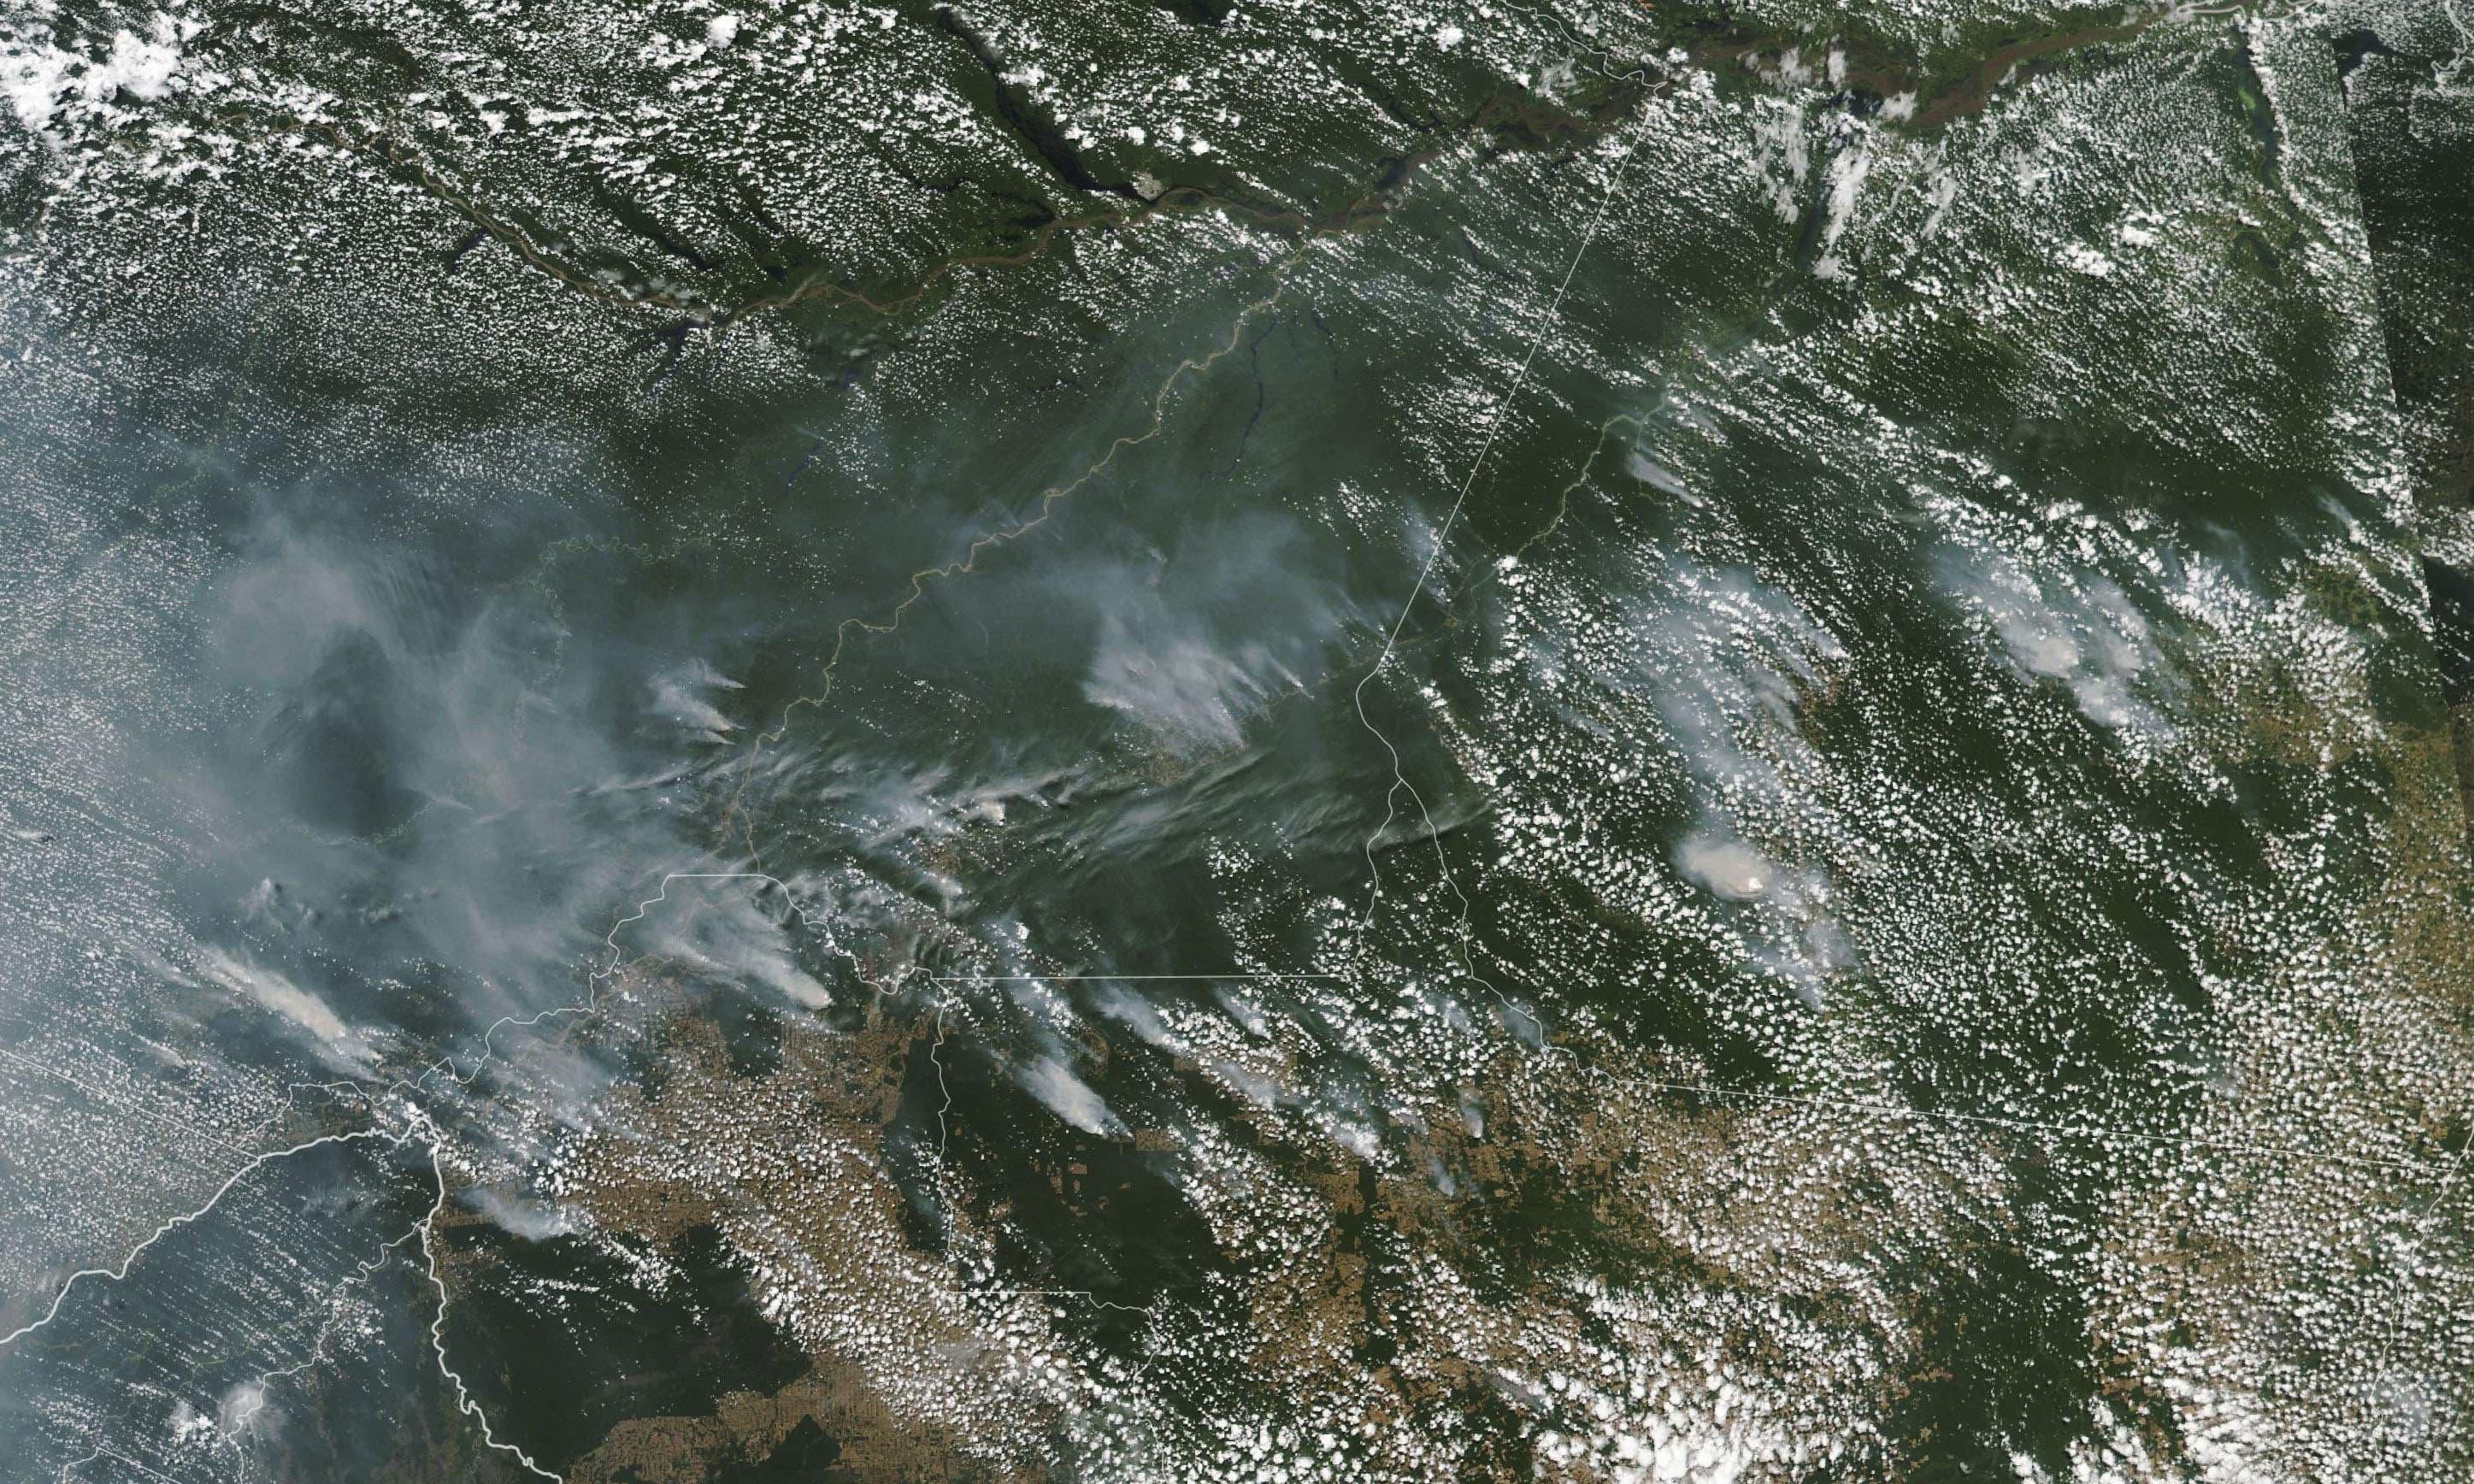 جنگلات میں لگی آگ اس حد تک بڑھ چکی ہے کہ ناسا کی سیٹیلائٹ سے لی گئی تصویر میں بھی دھواں نظر آرہا ہے —فوٹو/ اے پی